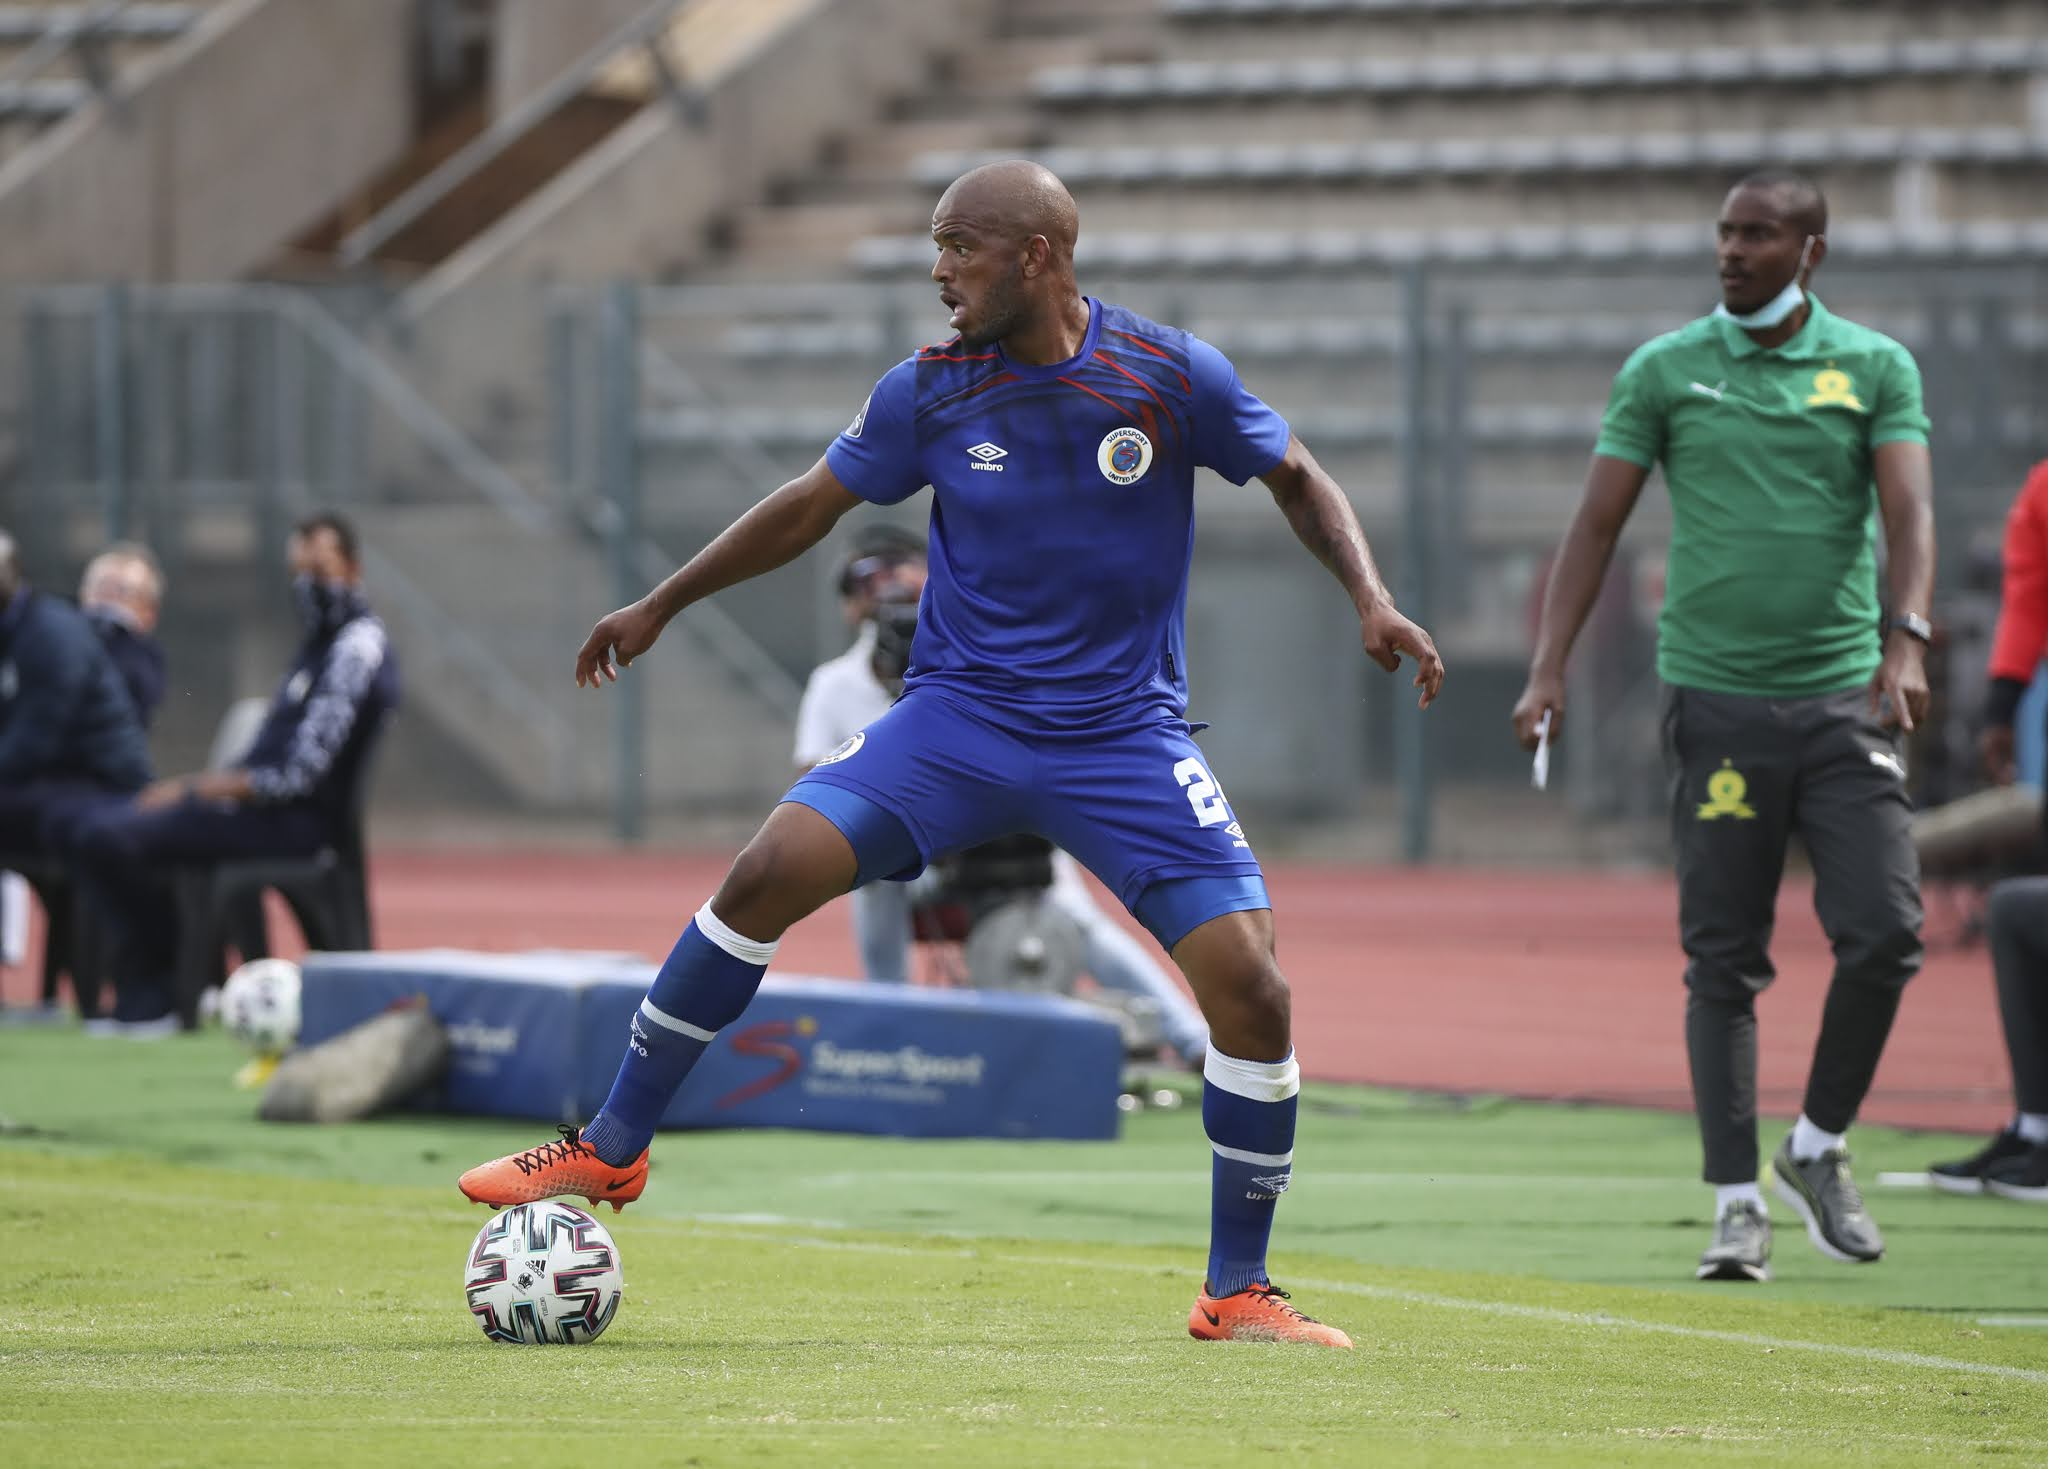 SuperSport United midfielder Sipho Mbule